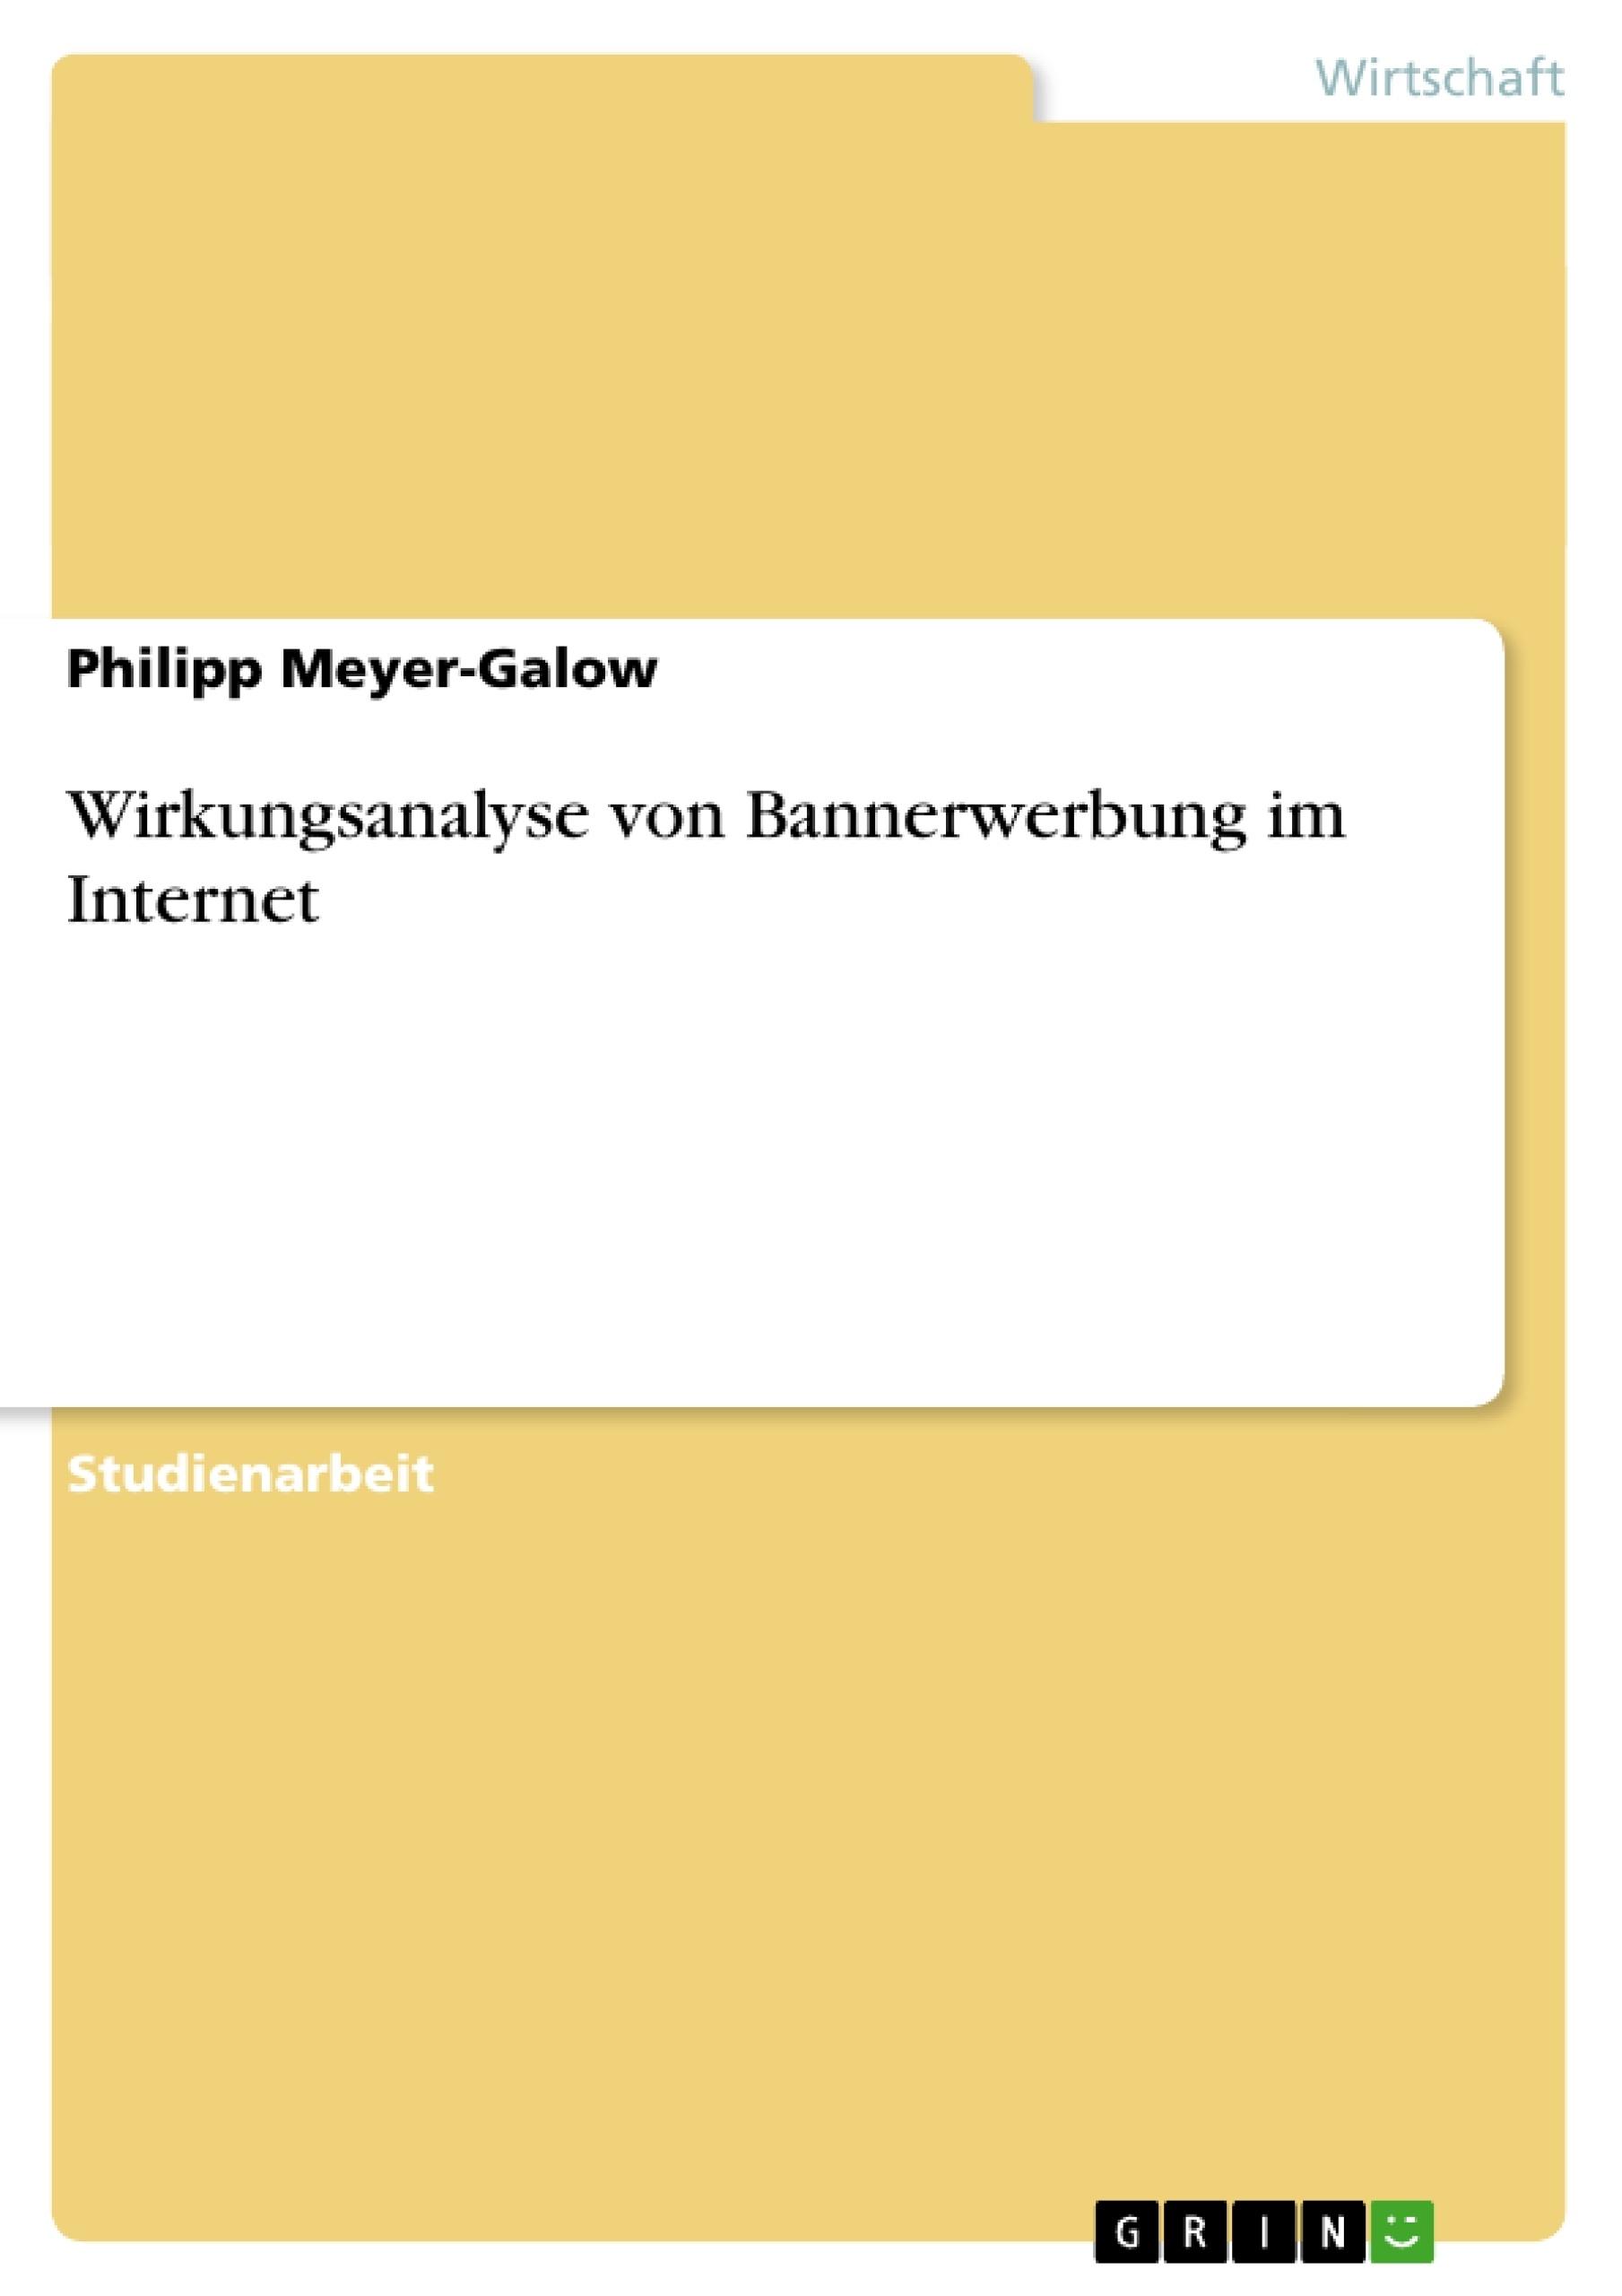 Titel: Wirkungsanalyse von Bannerwerbung im Internet